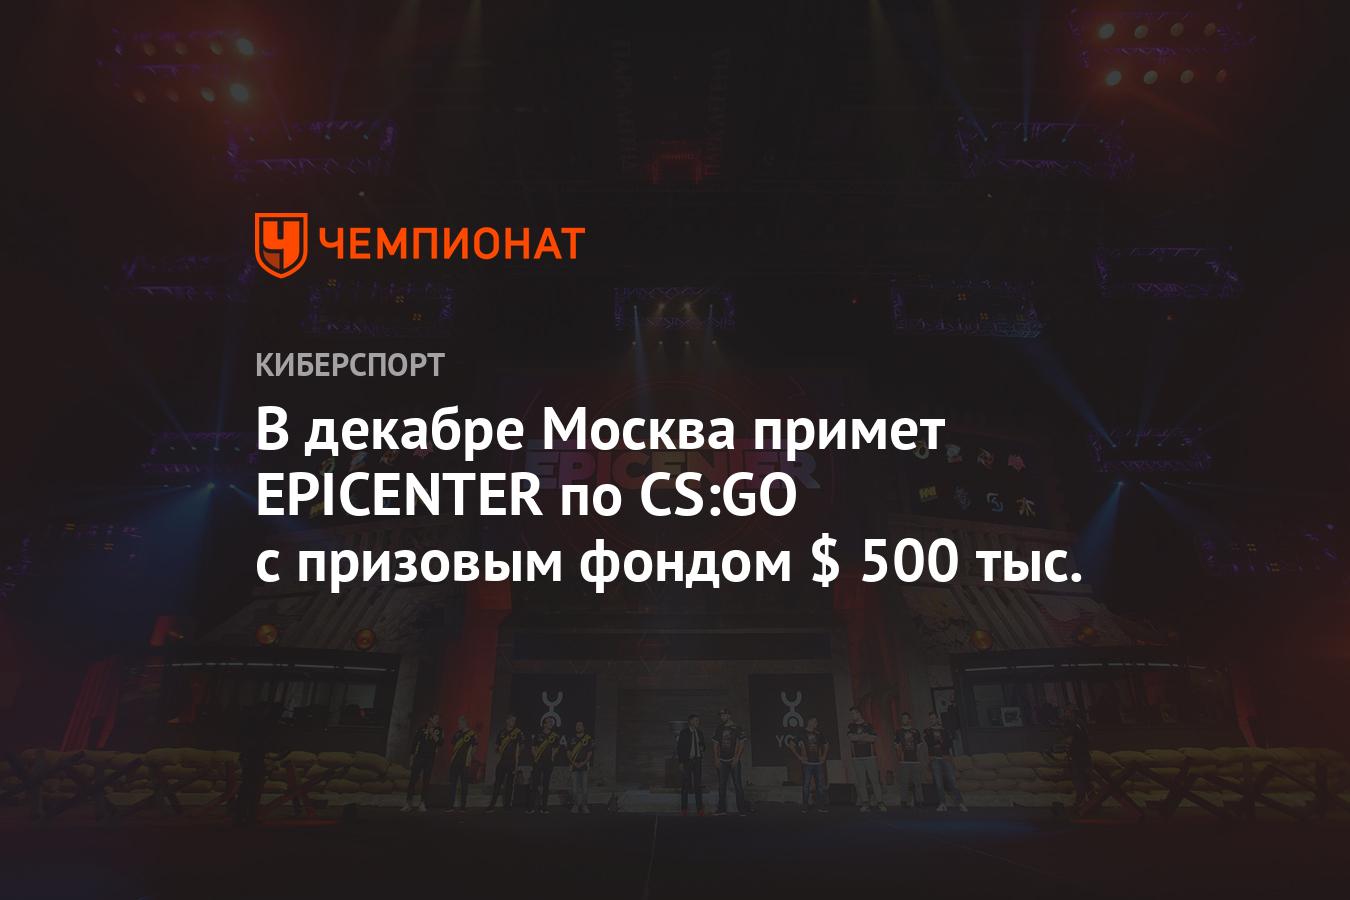 В декабре Москва примет EPICENTER по CS:GO с призовым фондом $ 500 тыс.